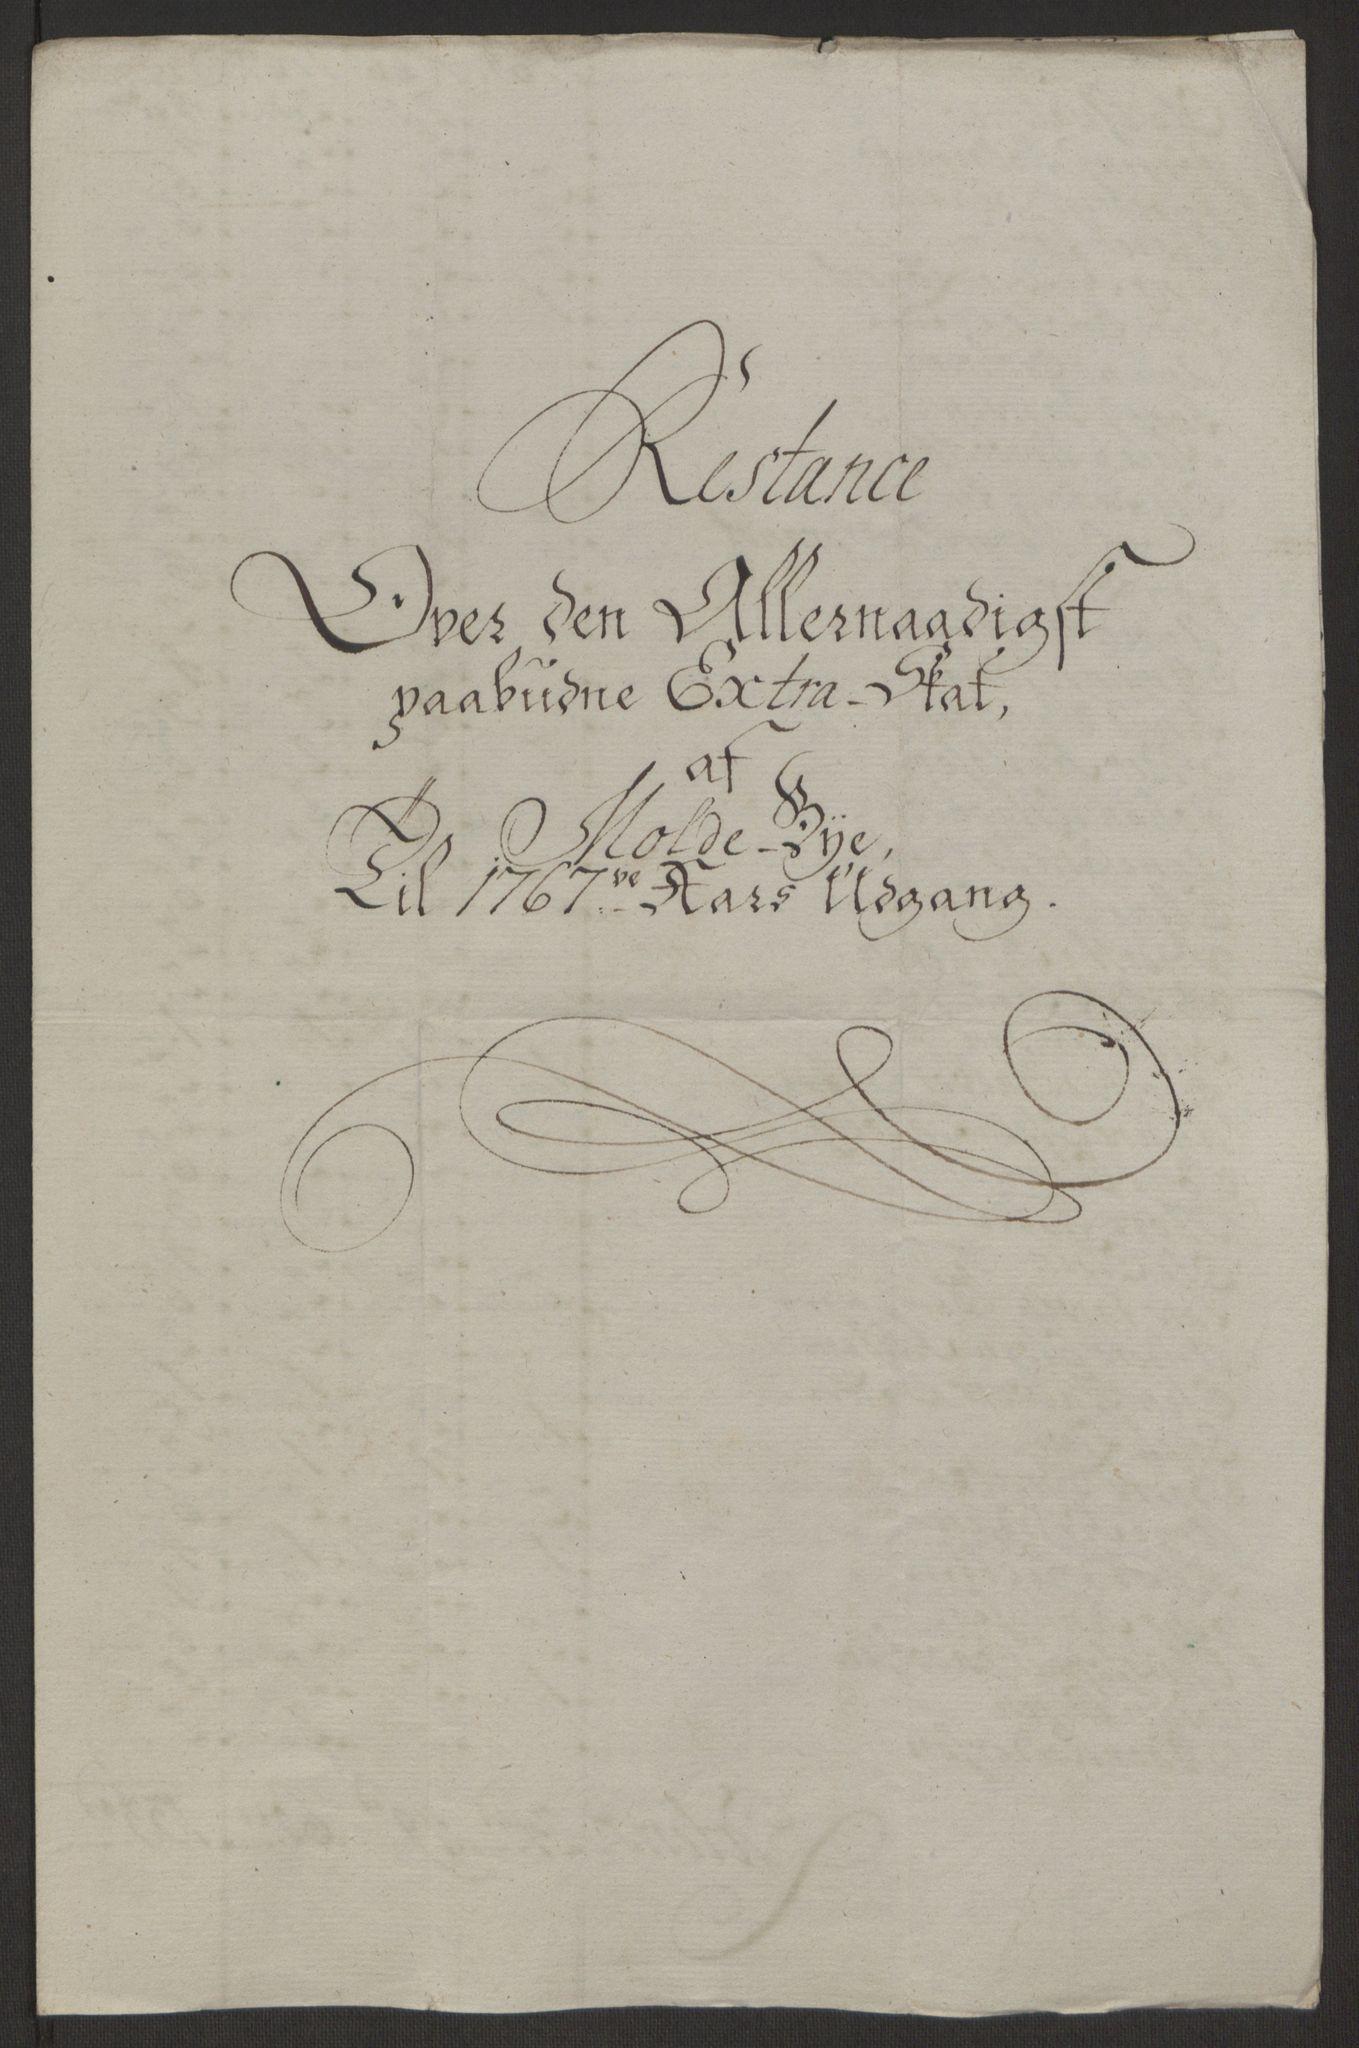 RA, Rentekammeret inntil 1814, Reviderte regnskaper, Byregnskaper, R/Rq/L0487: [Q1] Kontribusjonsregnskap, 1762-1772, s. 153